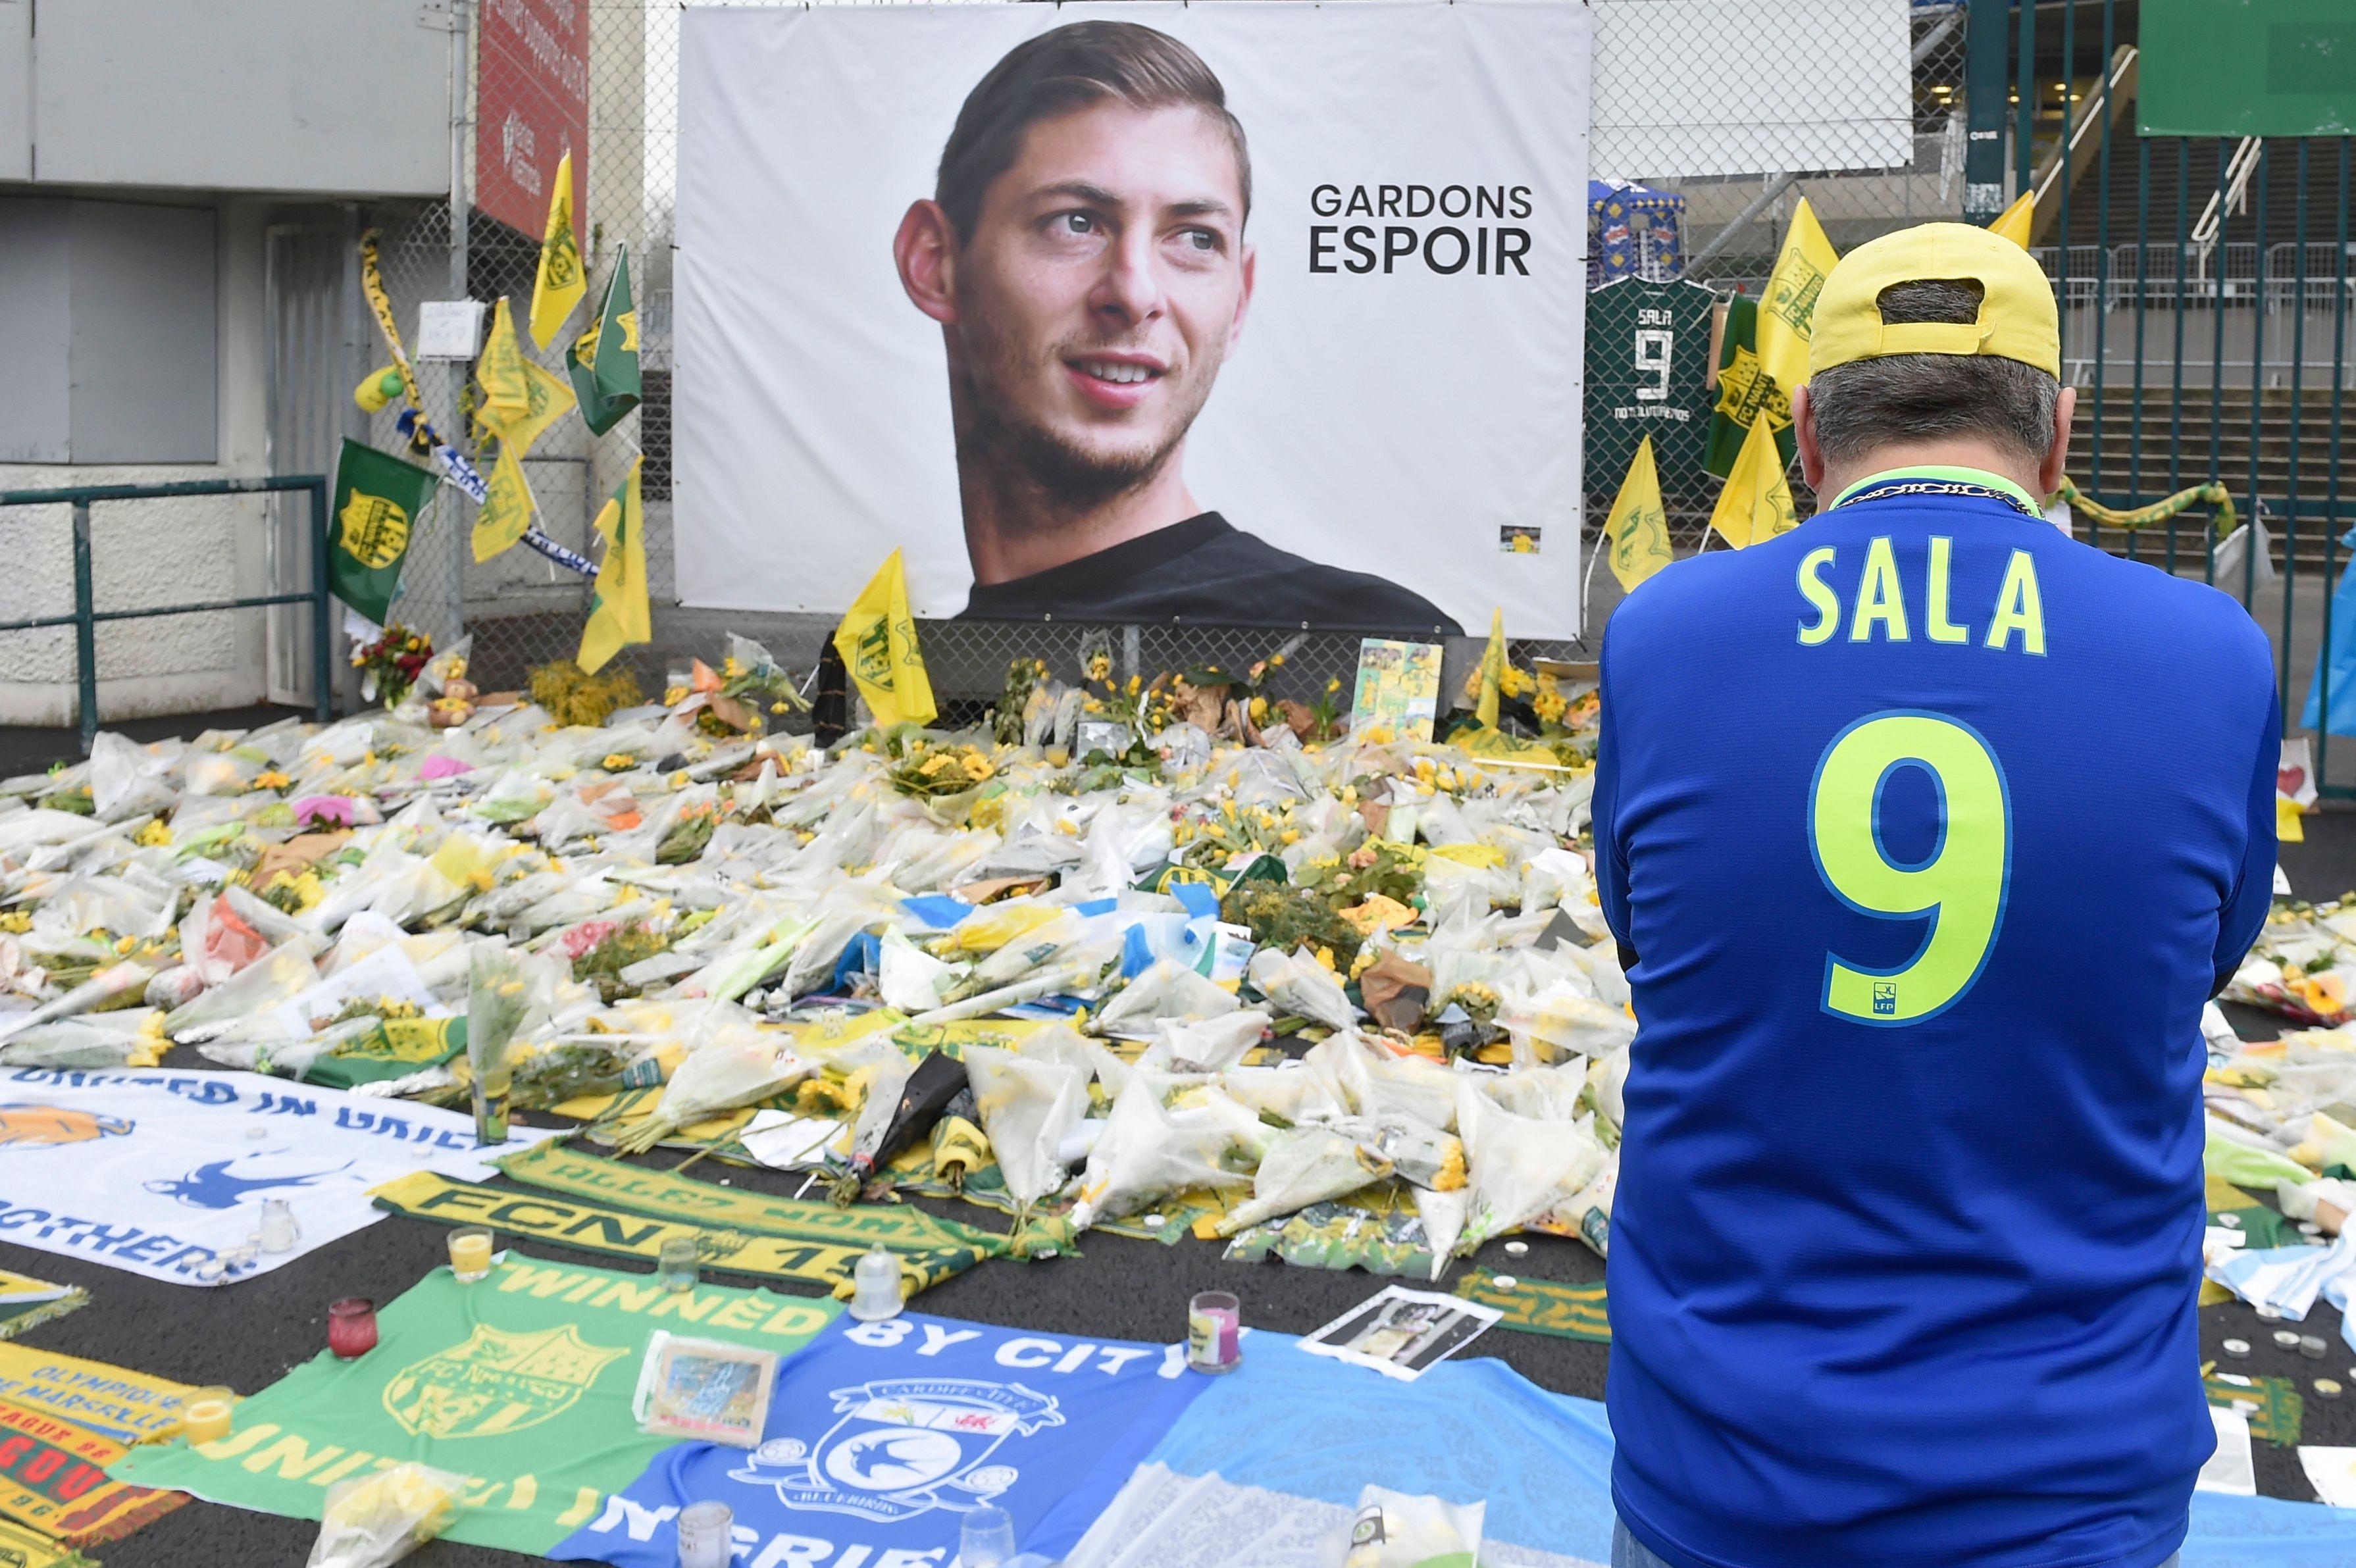 Los aficionados del Nantes han llevado flores en homenaje a Emiliano Sala. (Foto Prensa Libre: AFP)